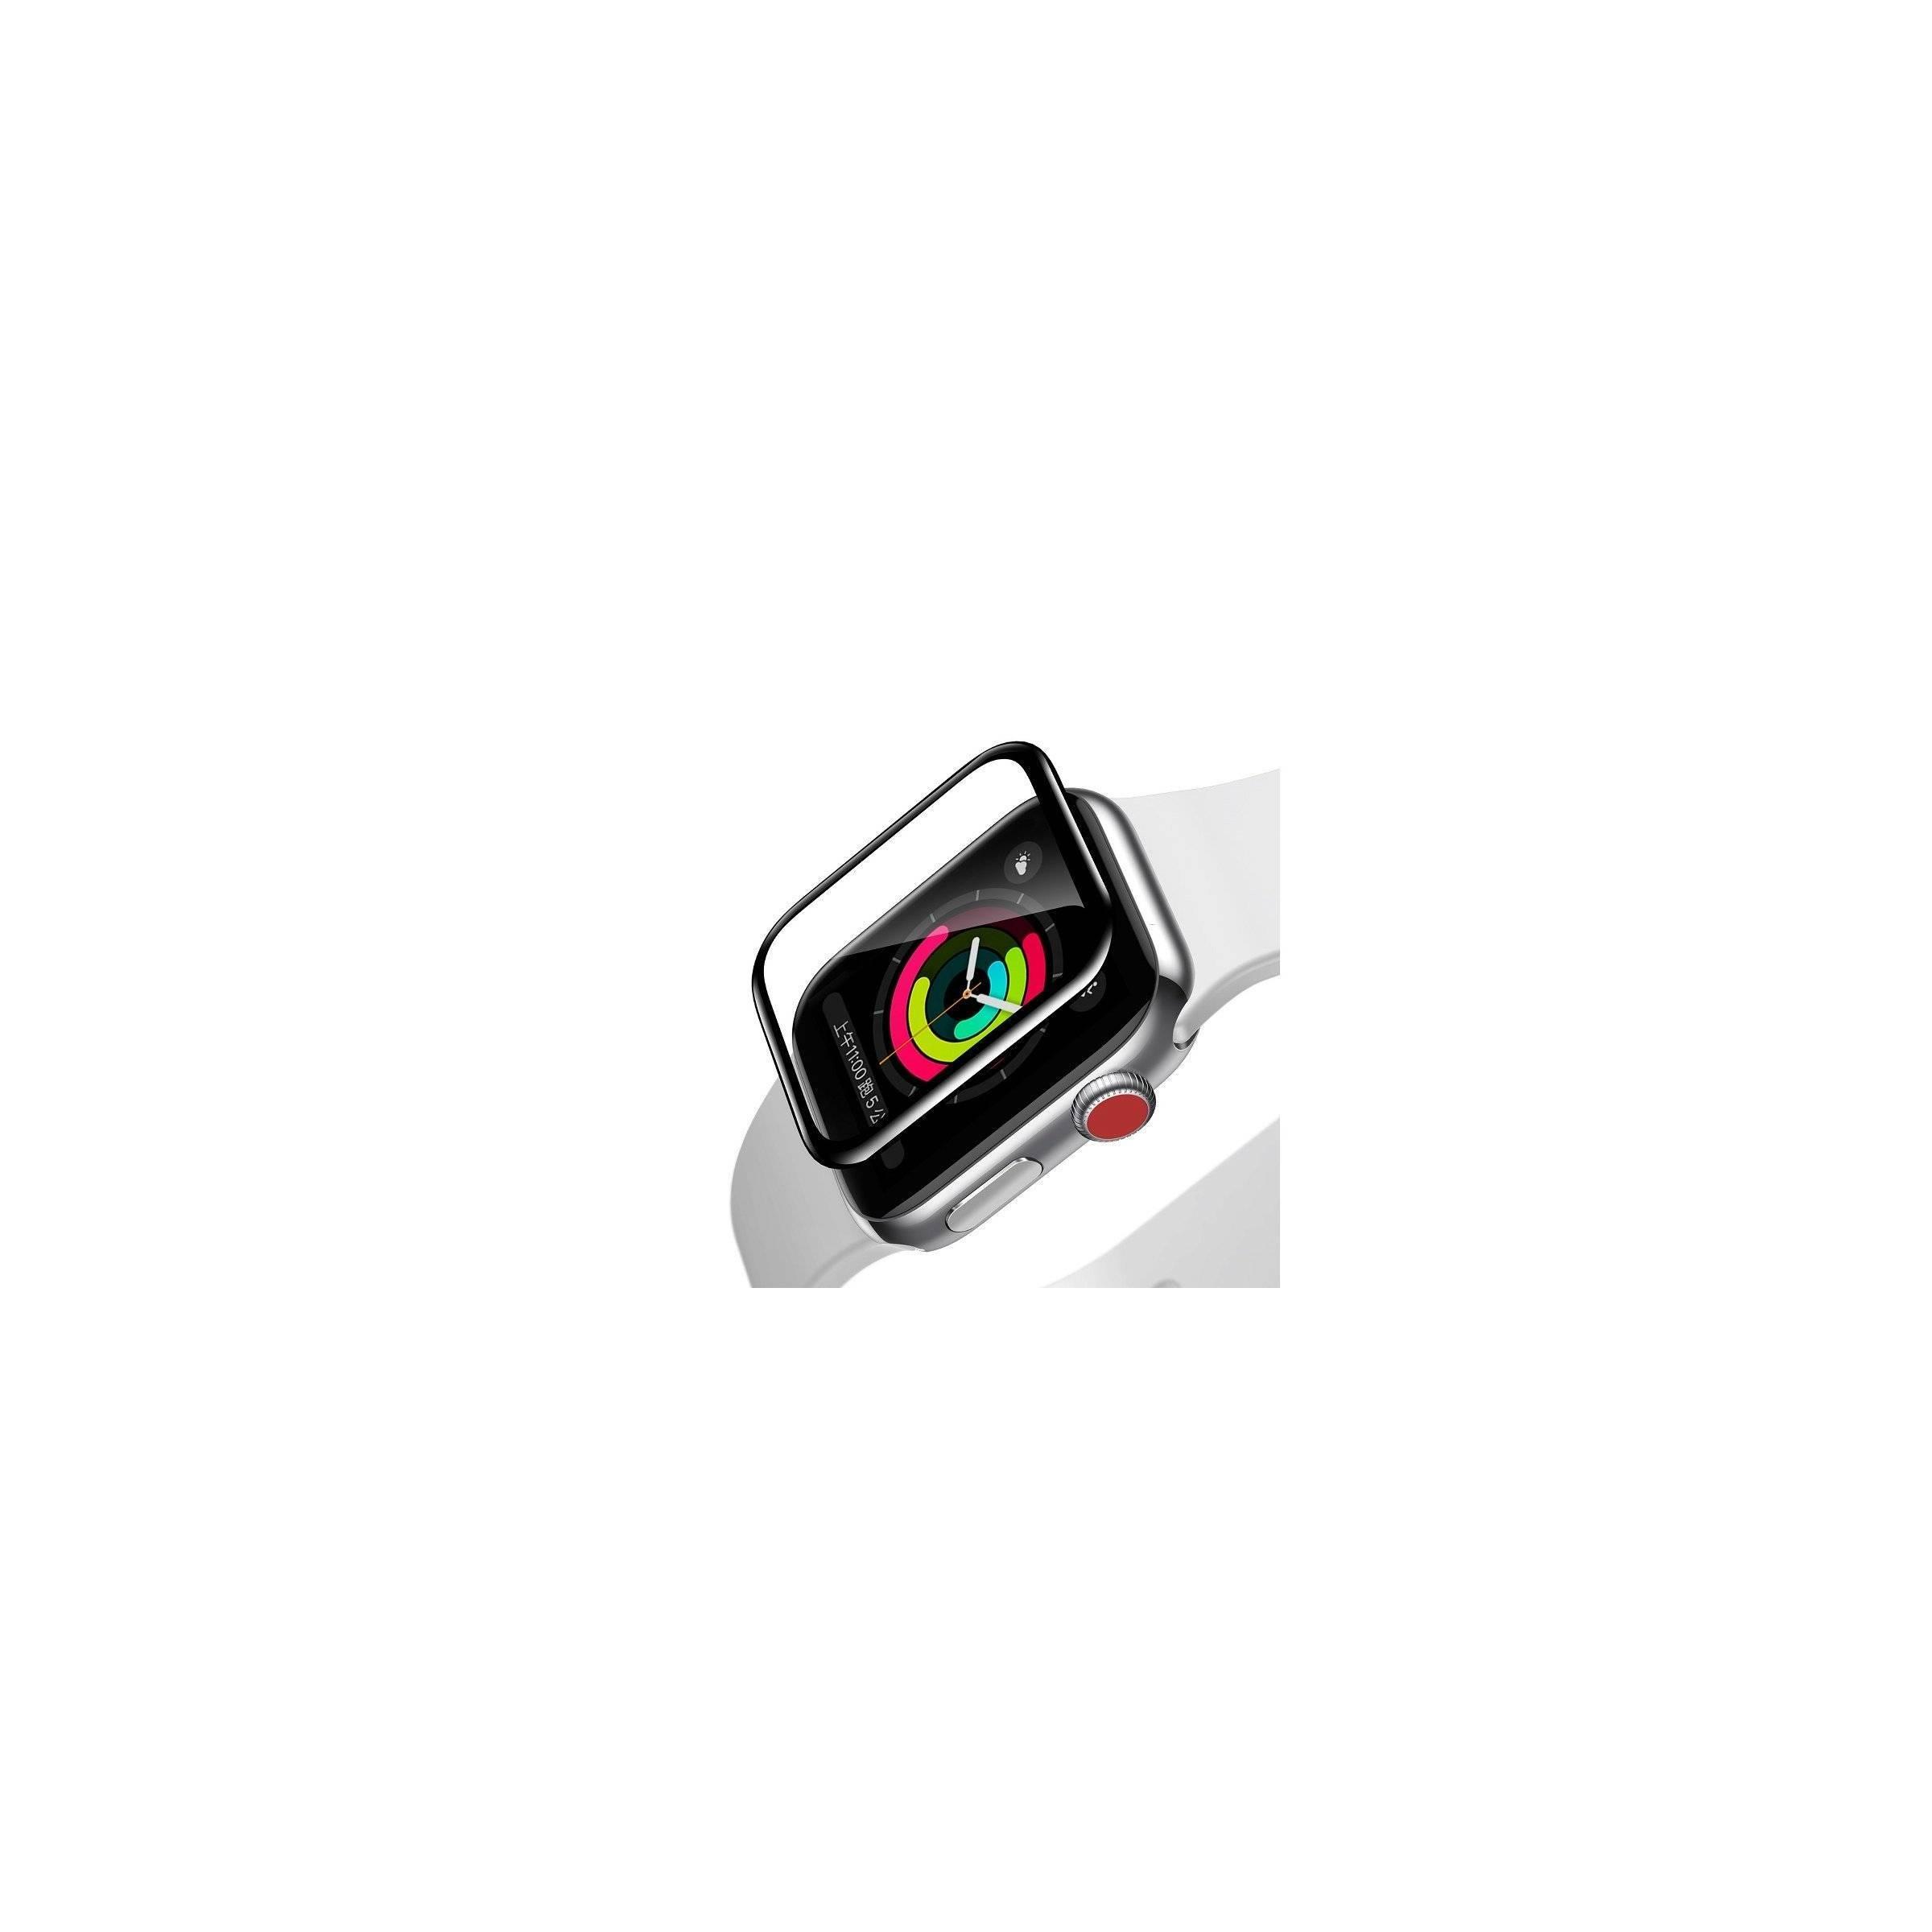 baseus – Beskyttelsesglas til apple watch 38mm watch 1/2/3 fra baseus fra mackabler.dk